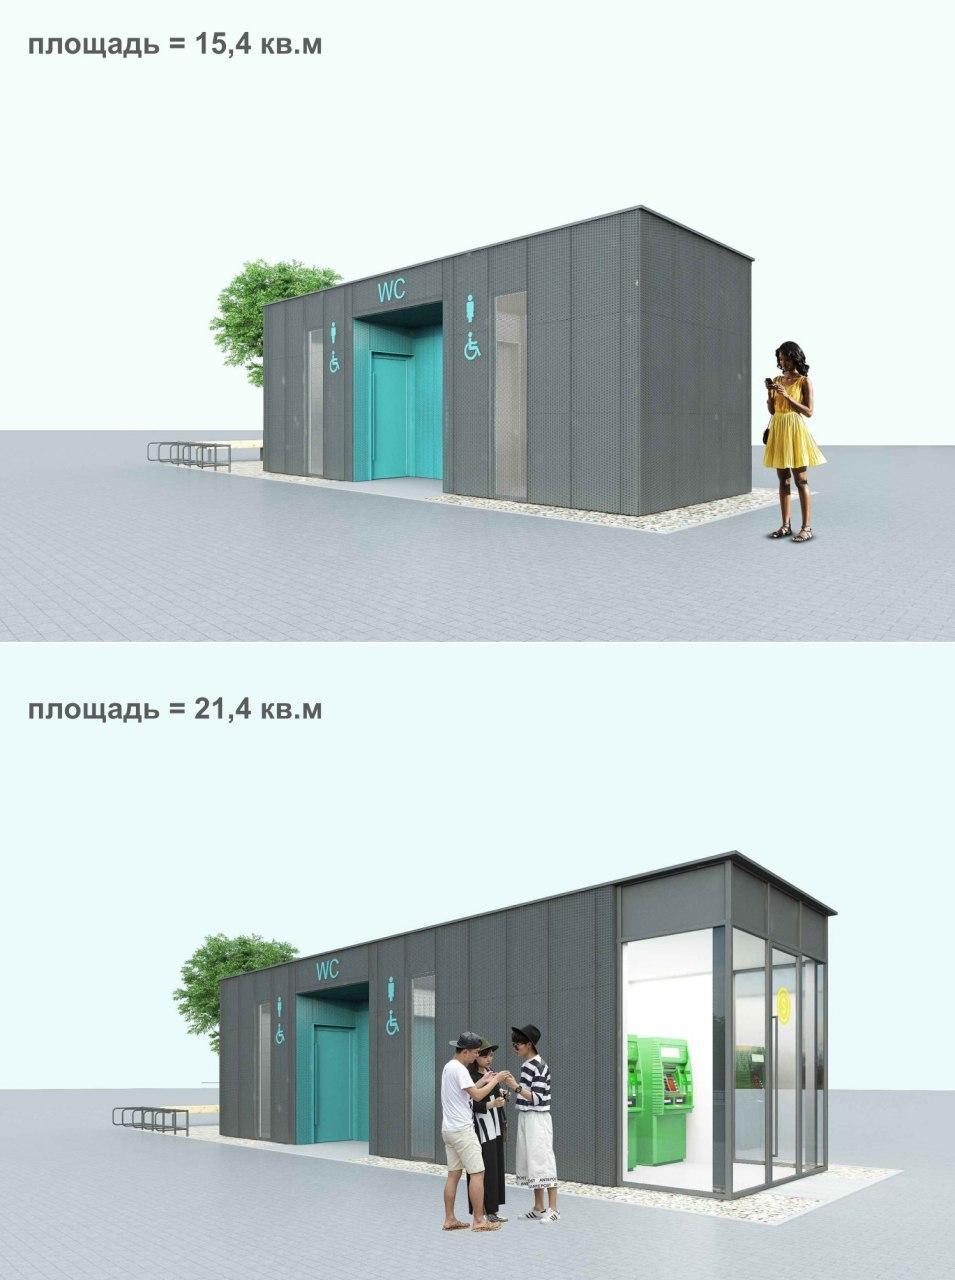 Архитекторы показали, как будут выглядеть туалеты в Челябинске